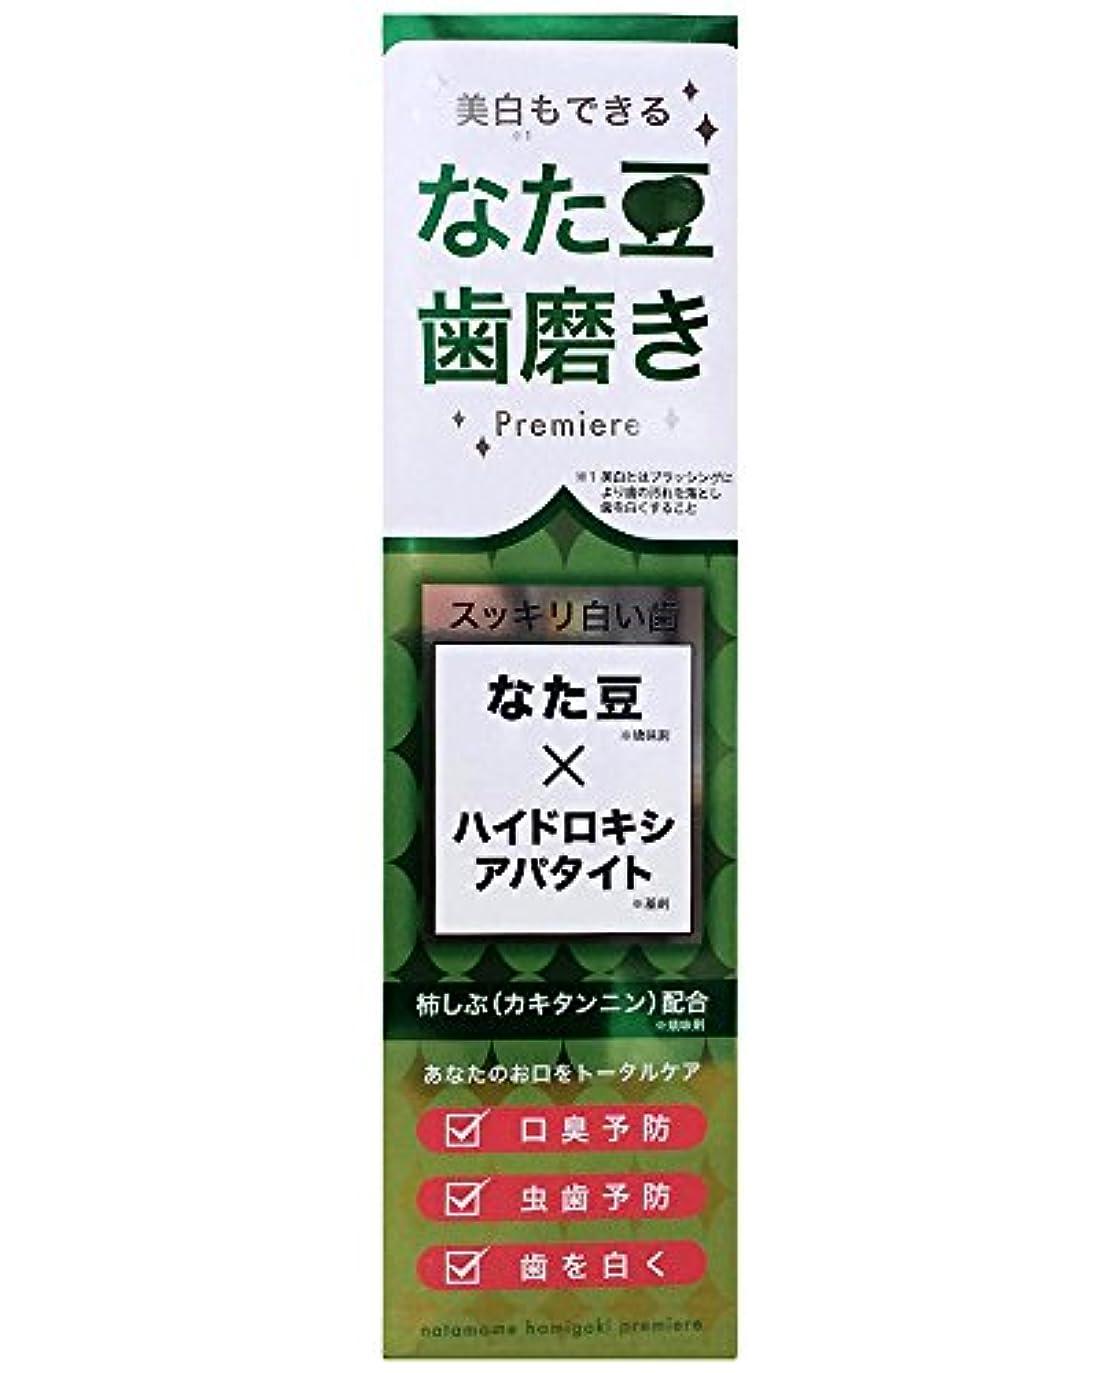 閉塞ご飯権限を与えるなた豆歯磨きプレミア 120g